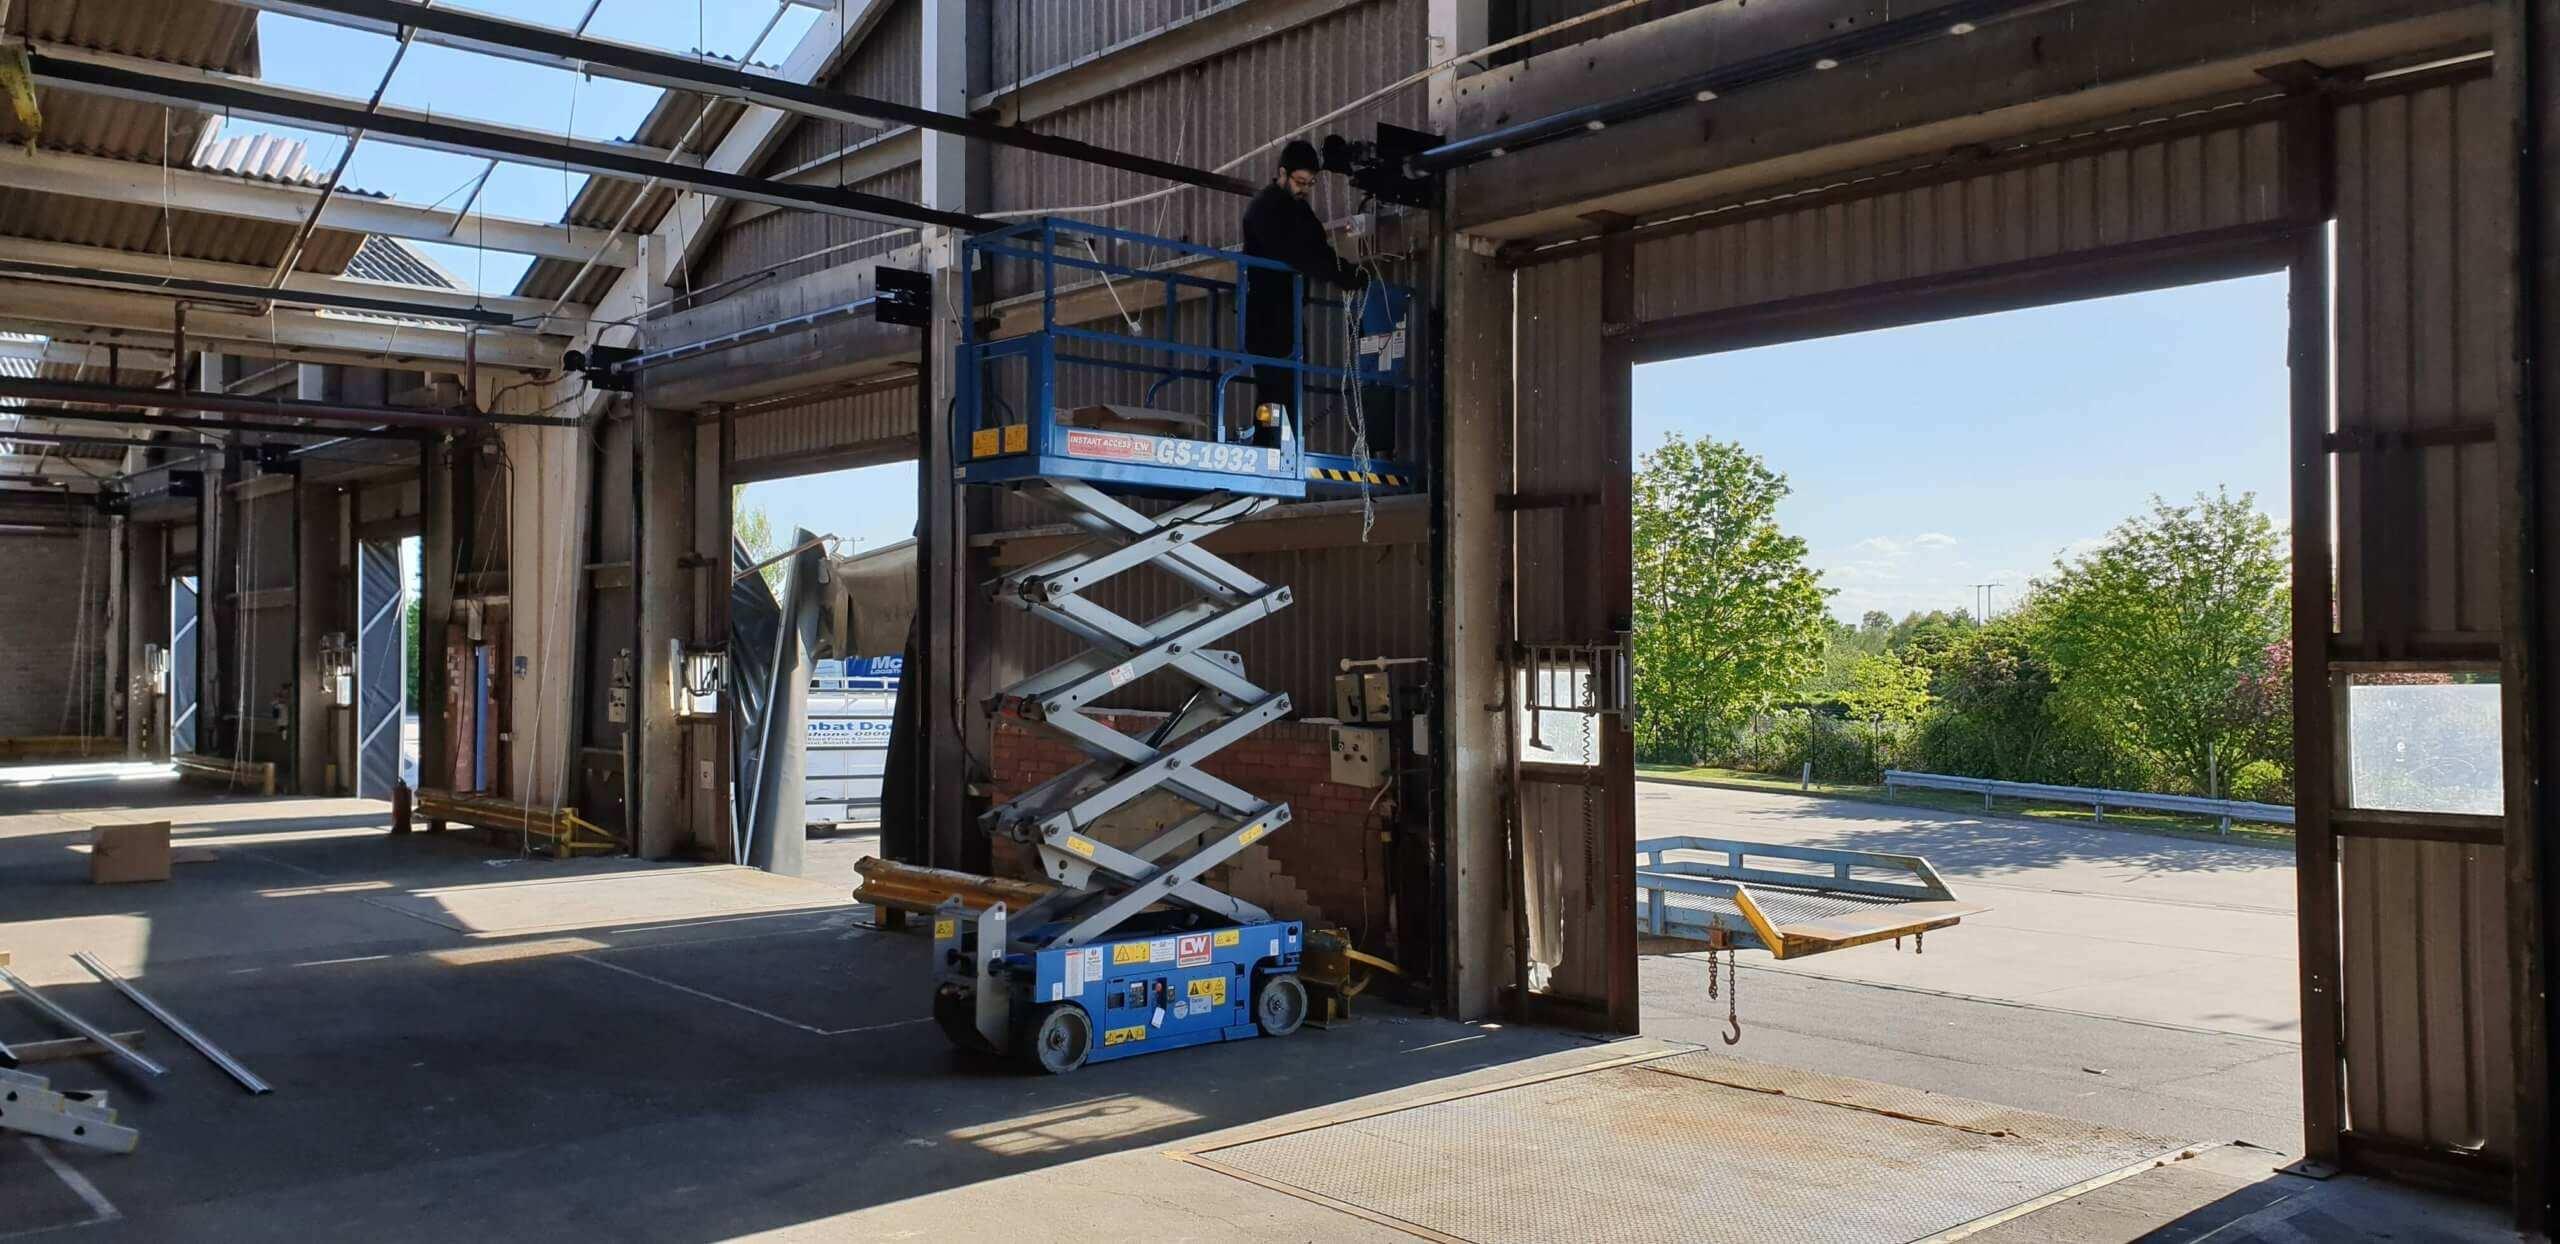 Industrial Roller Shutter Installation Doncaster 8 scaled Industrial Roller Shutter Installation - Doncaster